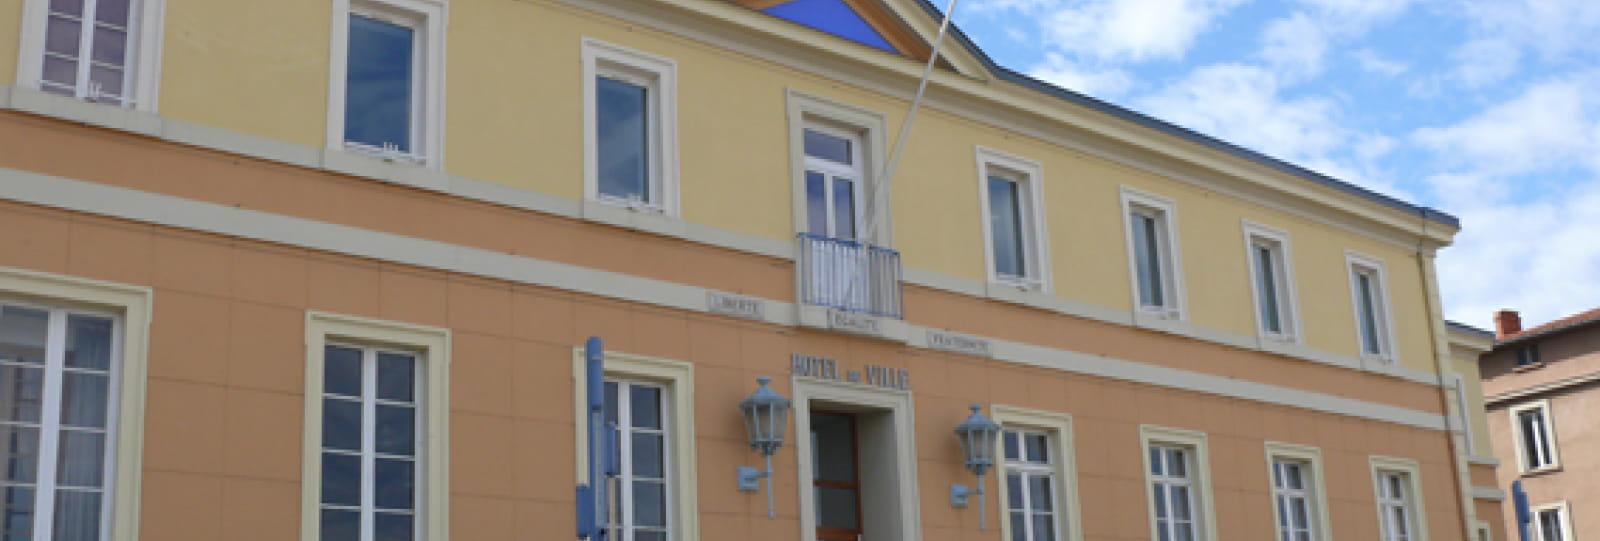 Hotel de Ville de Bourg de Péage (ex Cloître des Minimes)